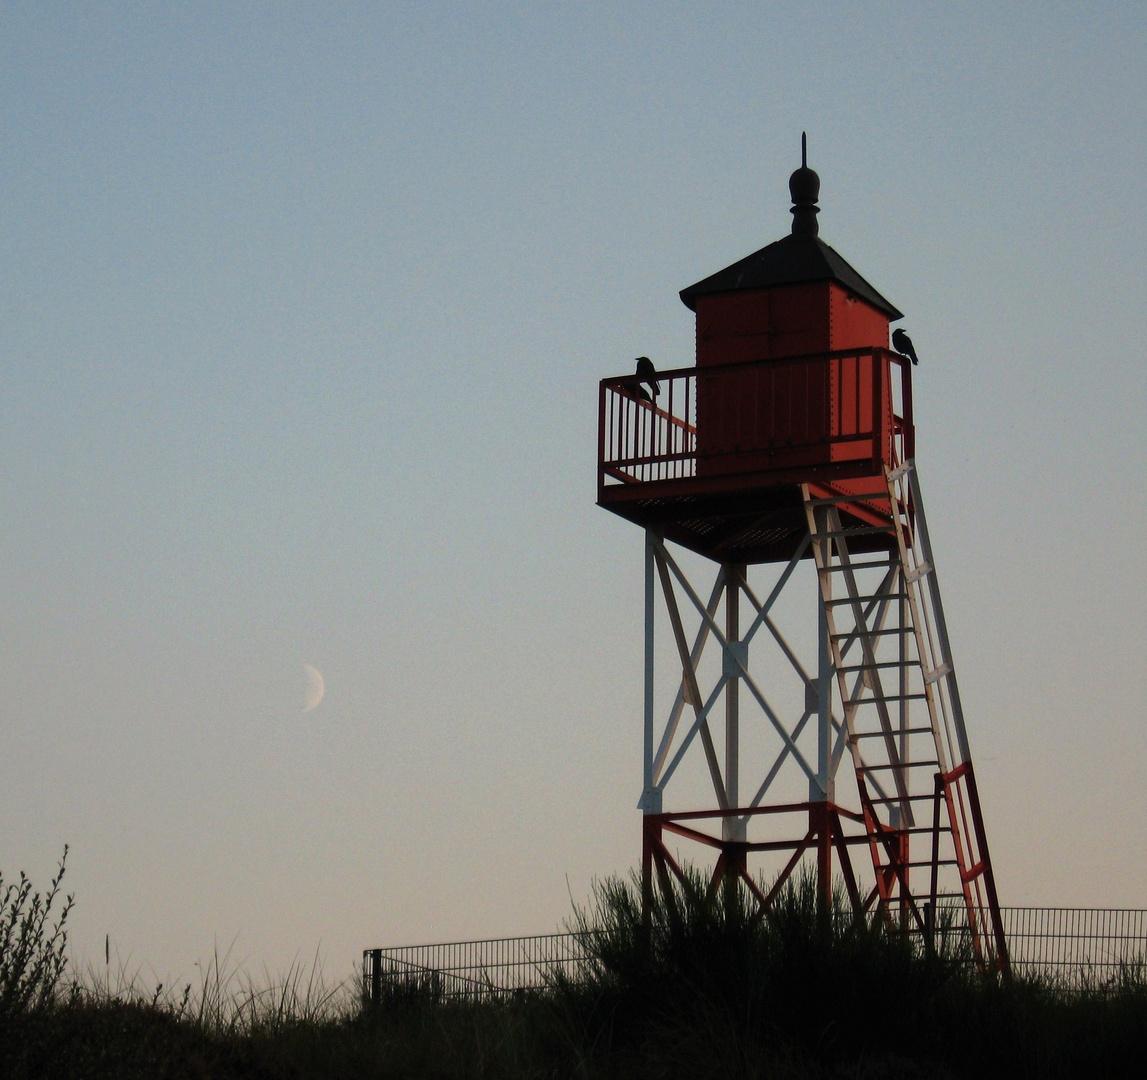 Licht, Schatten, Vögel, Mond